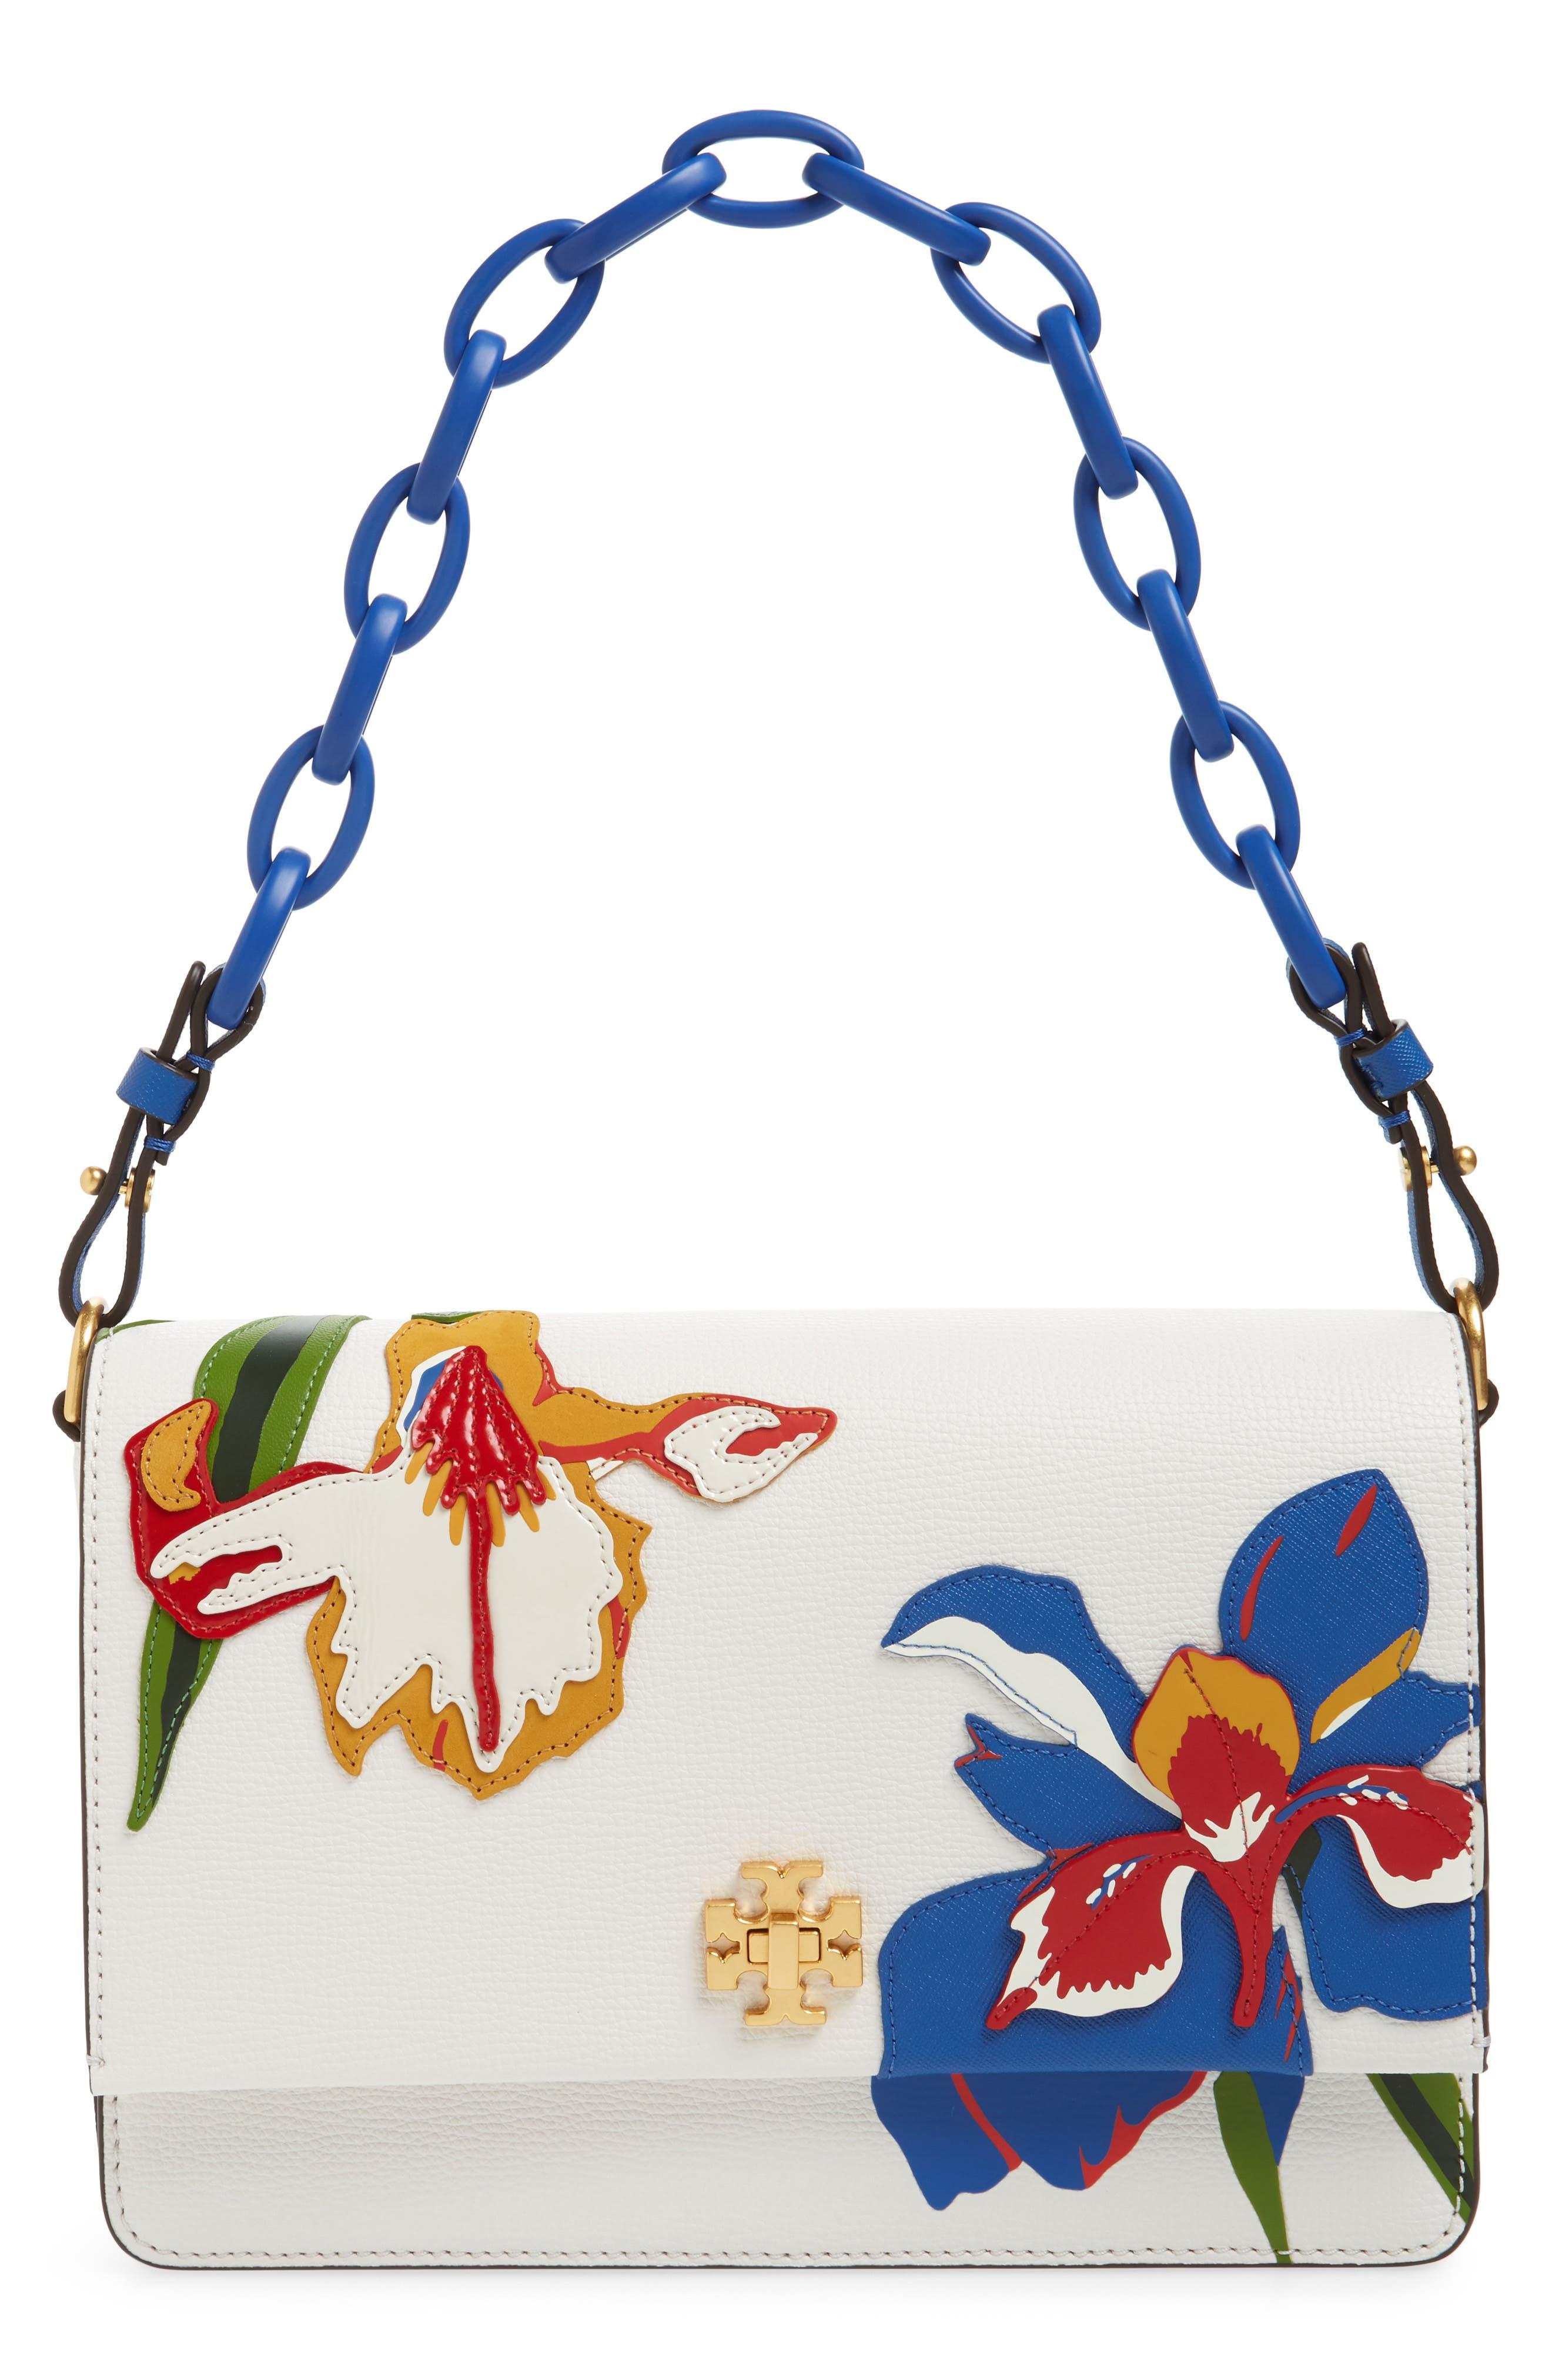 Kira Appliqué Flower Leather Shoulder Bag,                         Main,                         color, Painted Iris